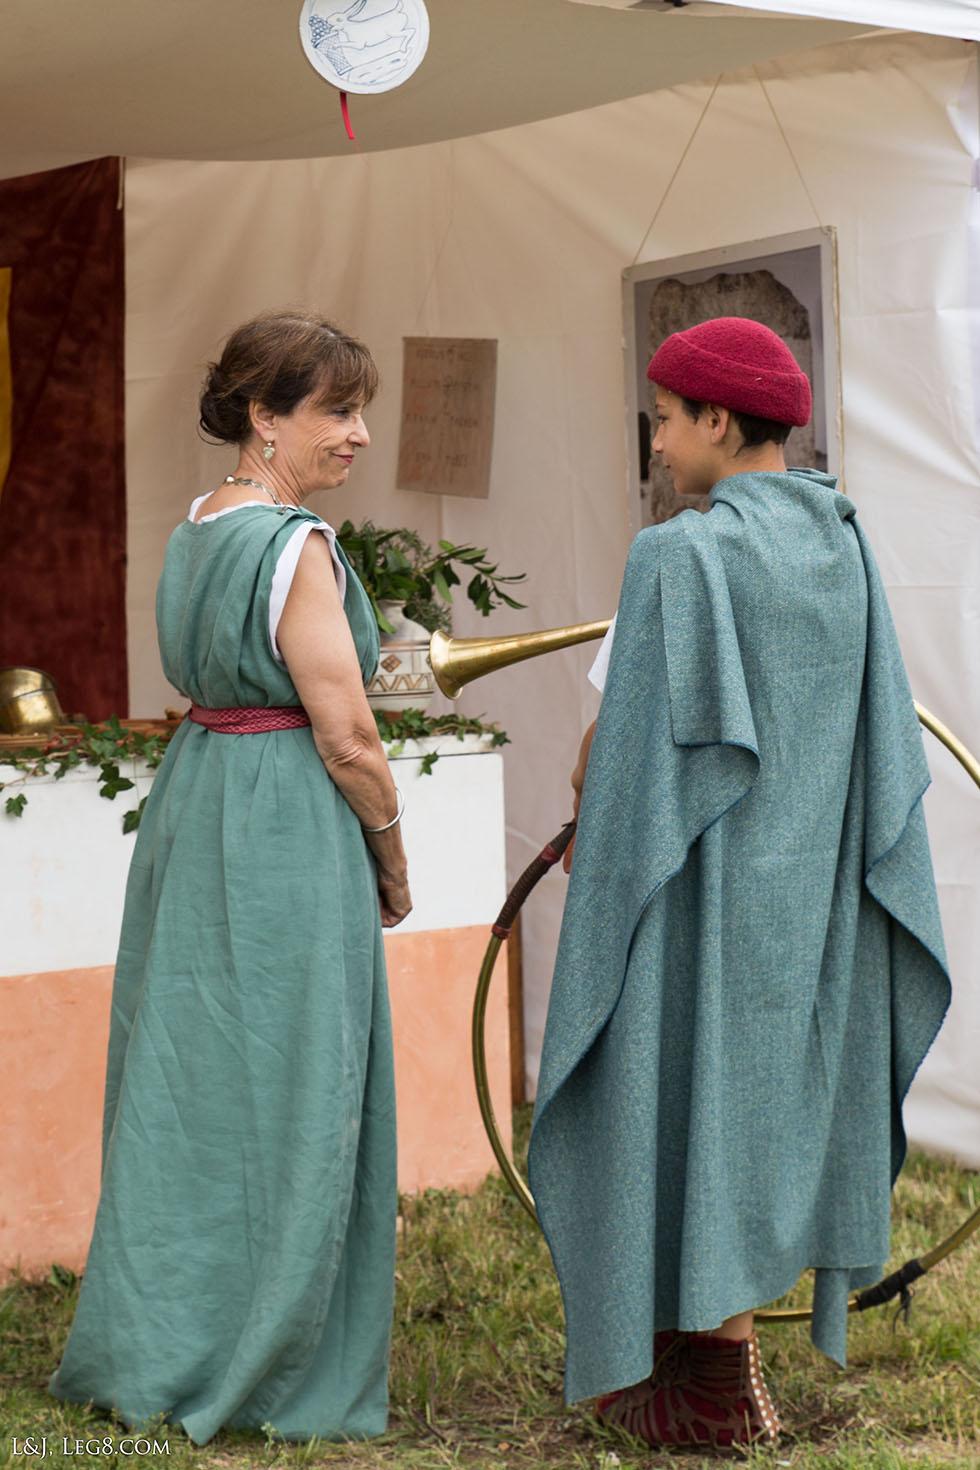 Le jeune cornicen discute avec Julia, tenancière de la caupona